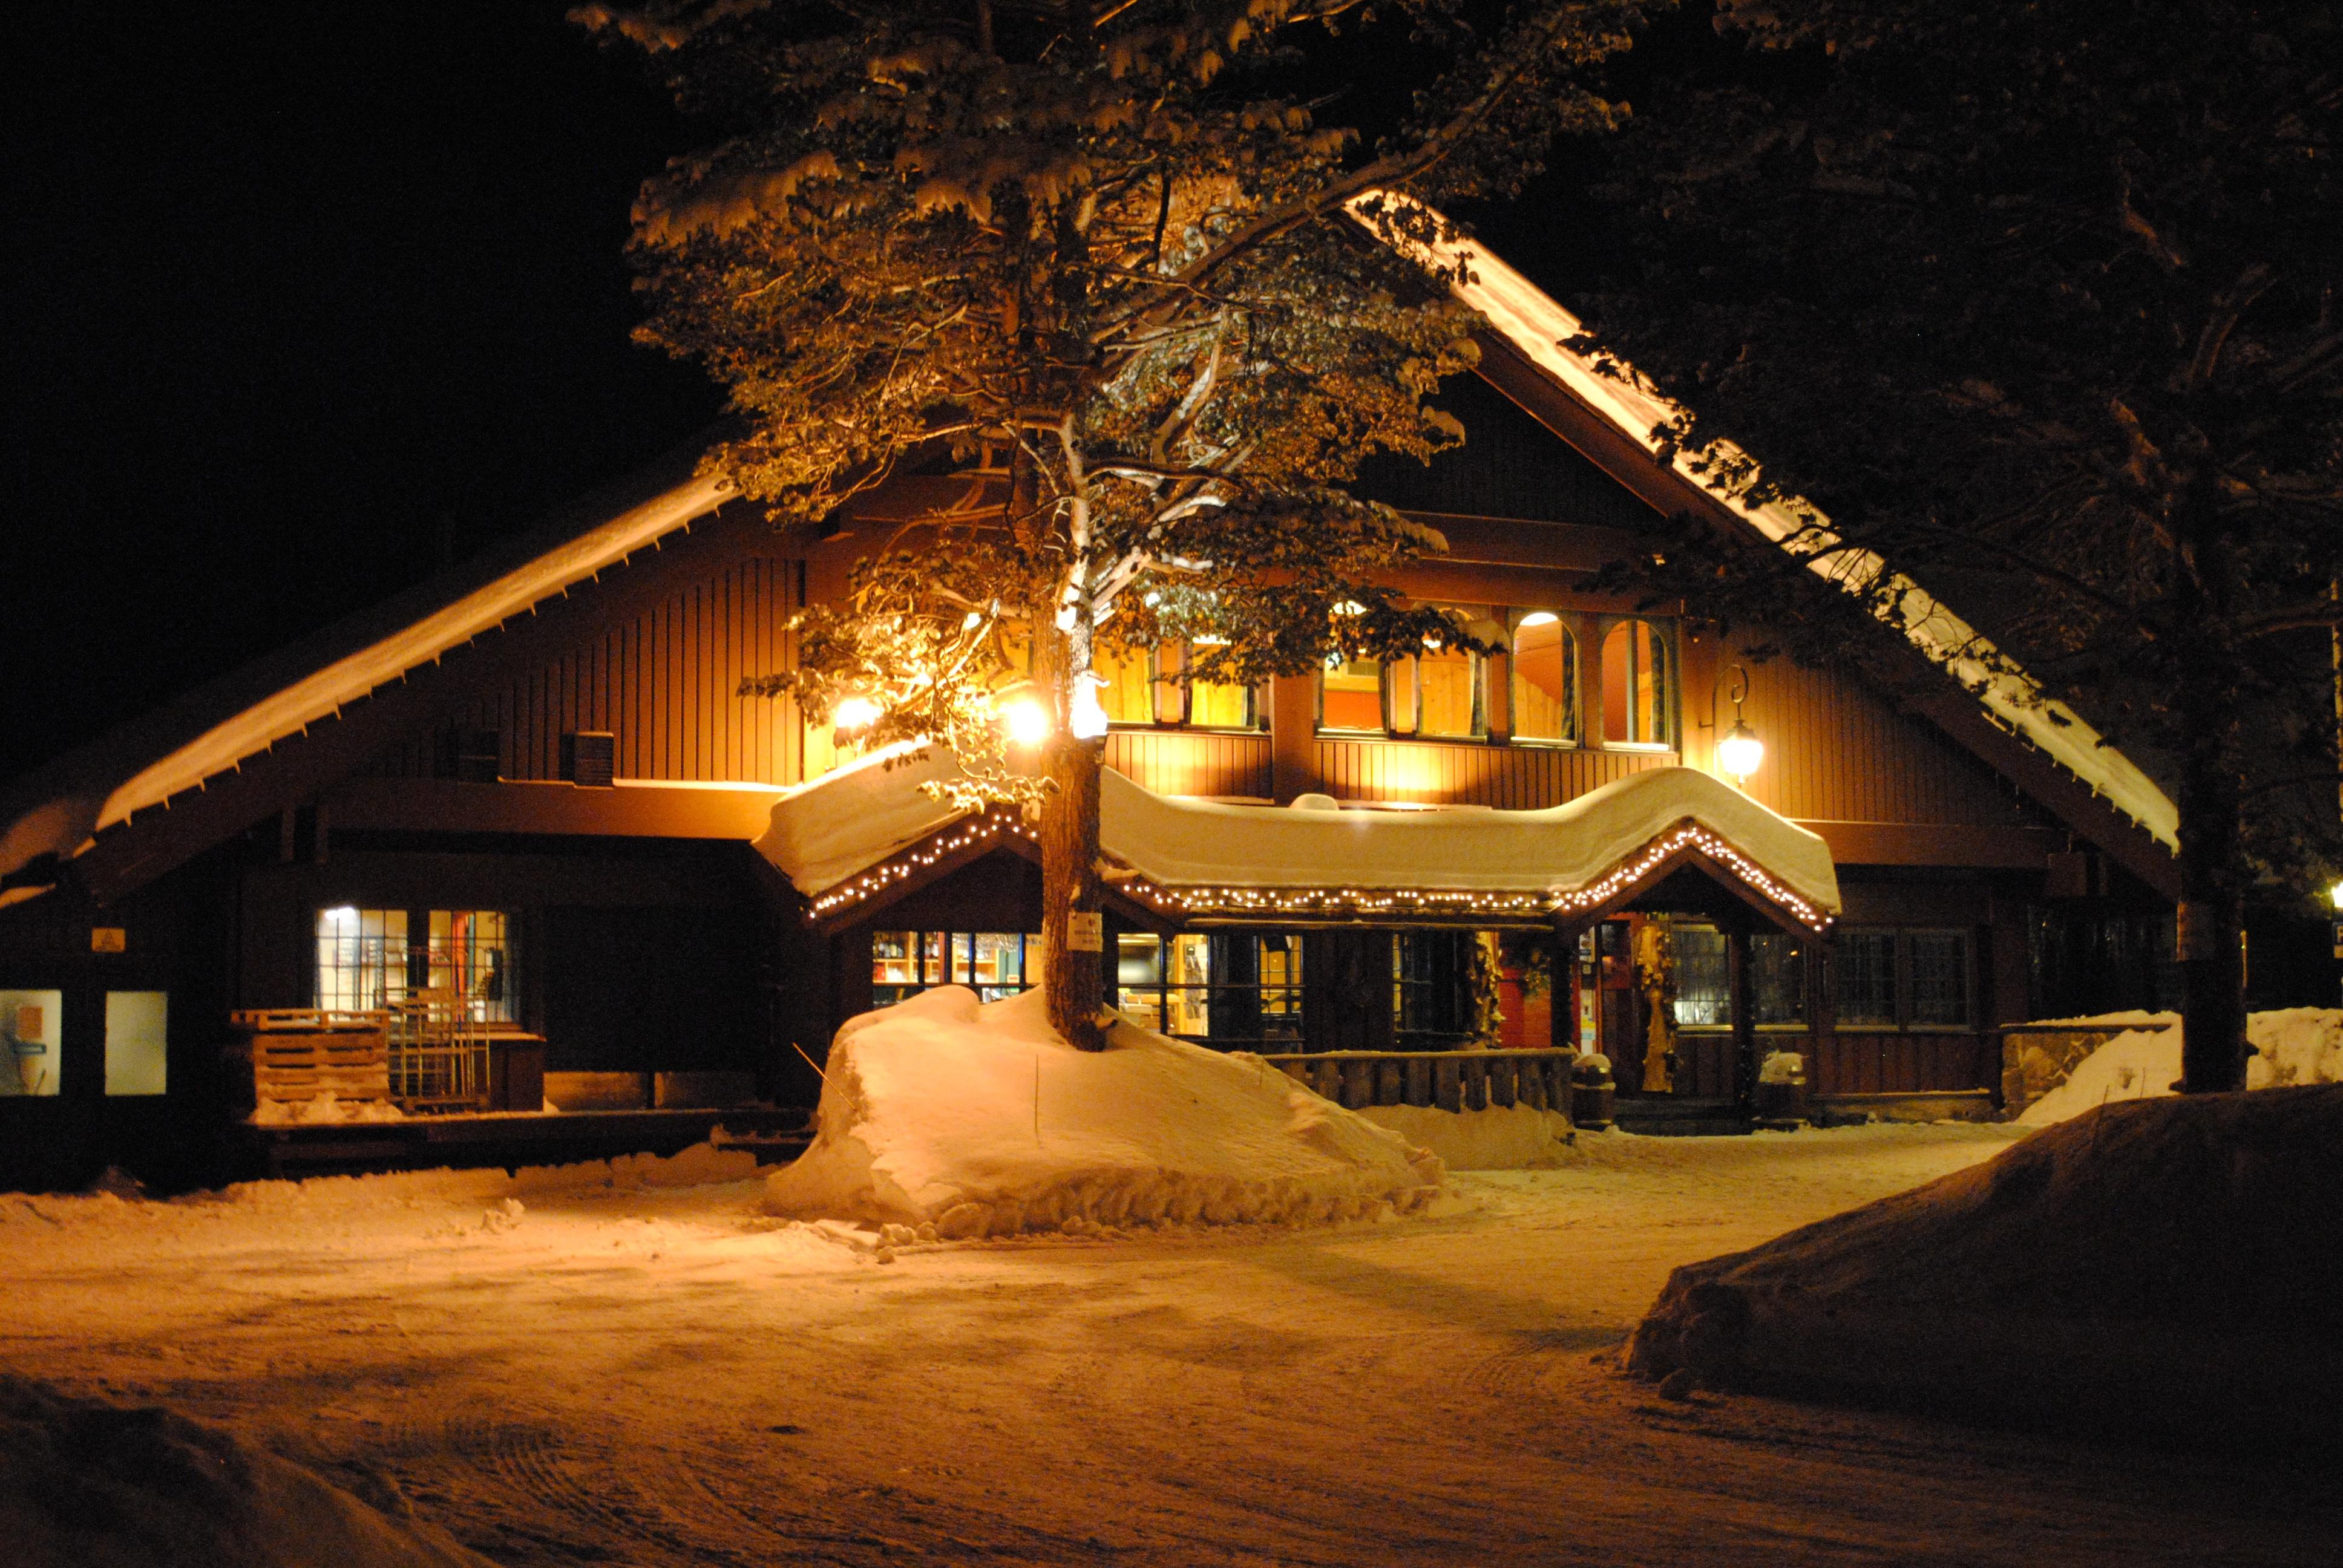 kostenlose foto schnee winter licht nacht haus abend dunkelheit beleuchtung. Black Bedroom Furniture Sets. Home Design Ideas